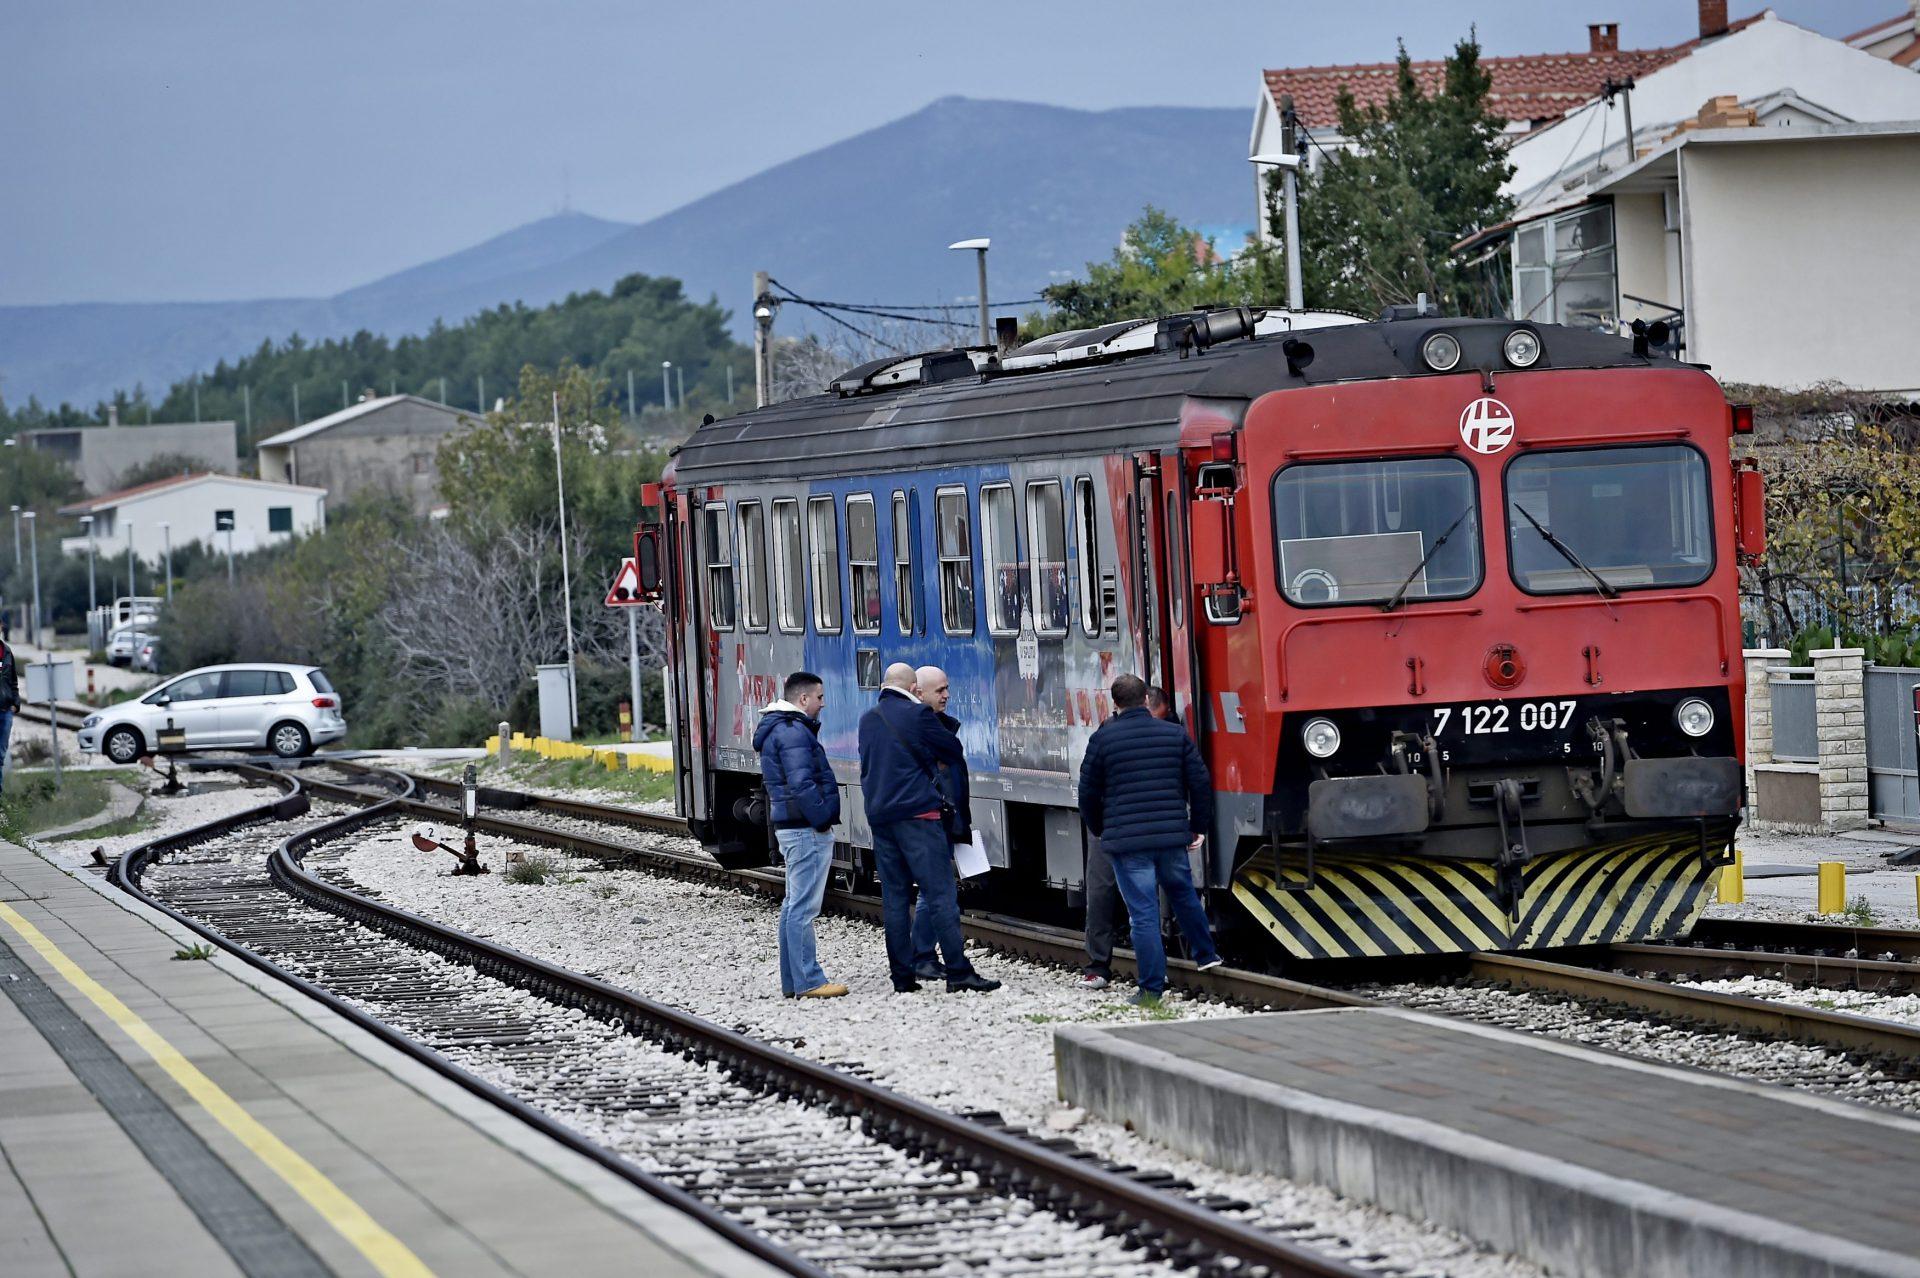 Hz Mijenja Vozni Red Ukida Se Jedan Od Vlakova Za Zagreb Zagreb Info